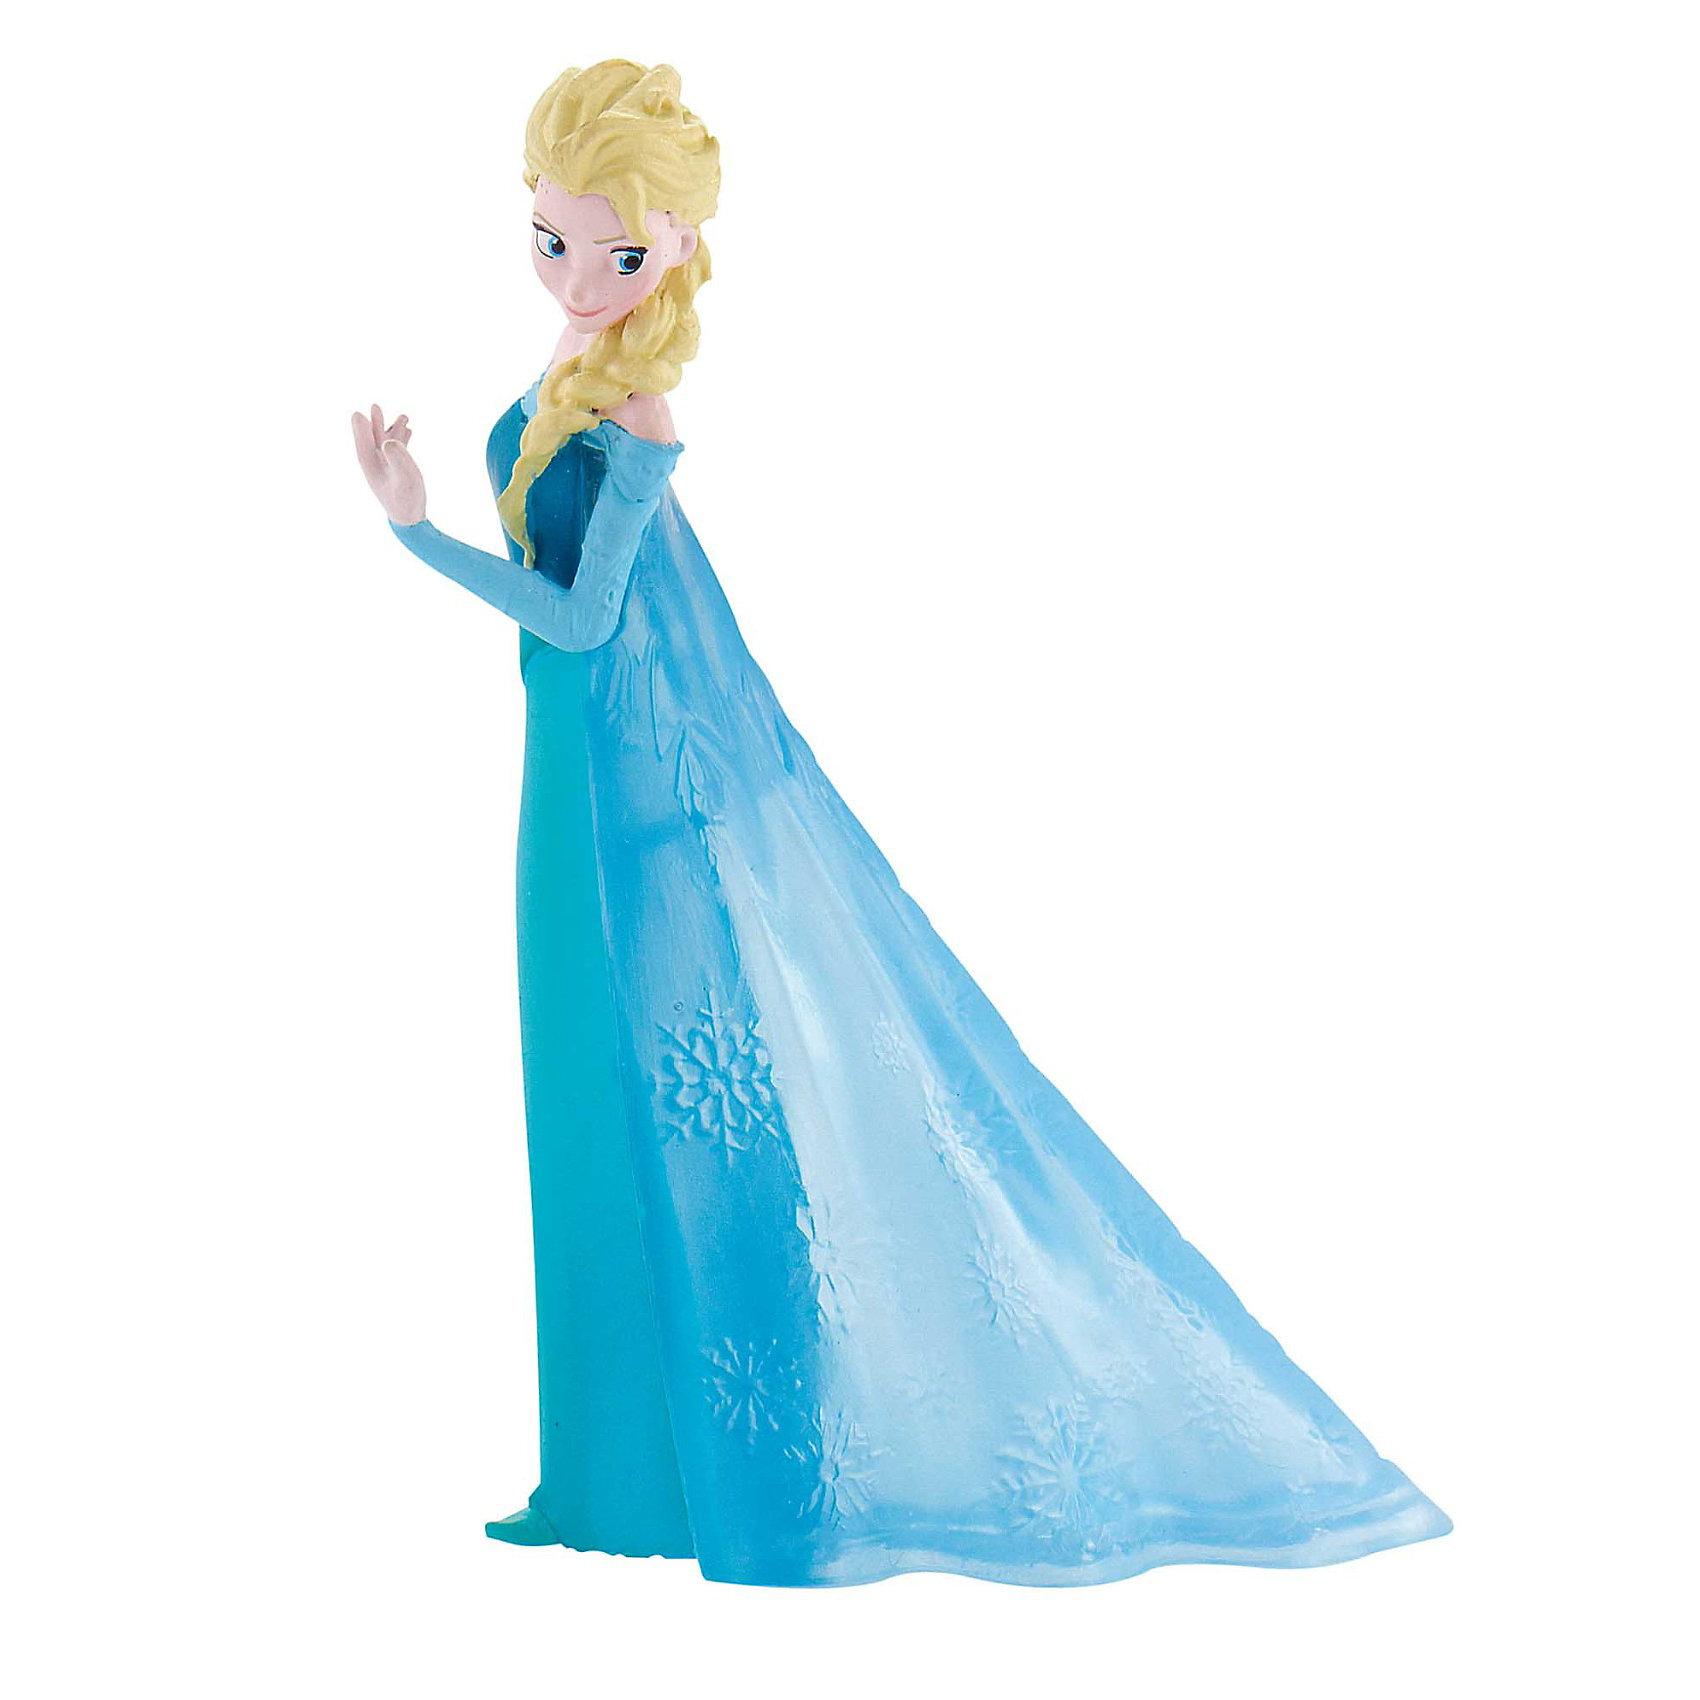 Фигурка Эльза,  DisneyНемецкий бренд Bullyland более 40 лет специализируется на производстве высококачественных и реалистичных фигурок, которые помогают малышам познавать окружающий мир. <br>Фигурка Эльзы – принцессы из нового мультфильма «Холодное сердце» - станет настоящим подарком для коллекционеров и поклонников Disney. Эльза выглядит точь-в-точь как на киноэкране: светлые волосы, заплетенные в косу, длинное синее платье в пол, серьезный взгляд. Она станет подлинным украшением вашей коллекции или положит начало новой. <br>Фигурка изготовлена из термопластичного каучука. В отличие от пластика, этот материал не выделяет вредных веществ при горении, безопасен для окружающей среды и здоровья малыша, а также не застывает в желудке ребенка при случайном проглатывании. <br><br>Дополнительная информация:<br><br>Высота фигурки: 8,5 см.<br><br>Фигурку Эльза,  Disney можно купить в нашем магазине.<br><br>Ширина мм: 120<br>Глубина мм: 32<br>Высота мм: 36<br>Вес г: 31<br>Возраст от месяцев: 36<br>Возраст до месяцев: 96<br>Пол: Женский<br>Возраст: Детский<br>SKU: 3383417